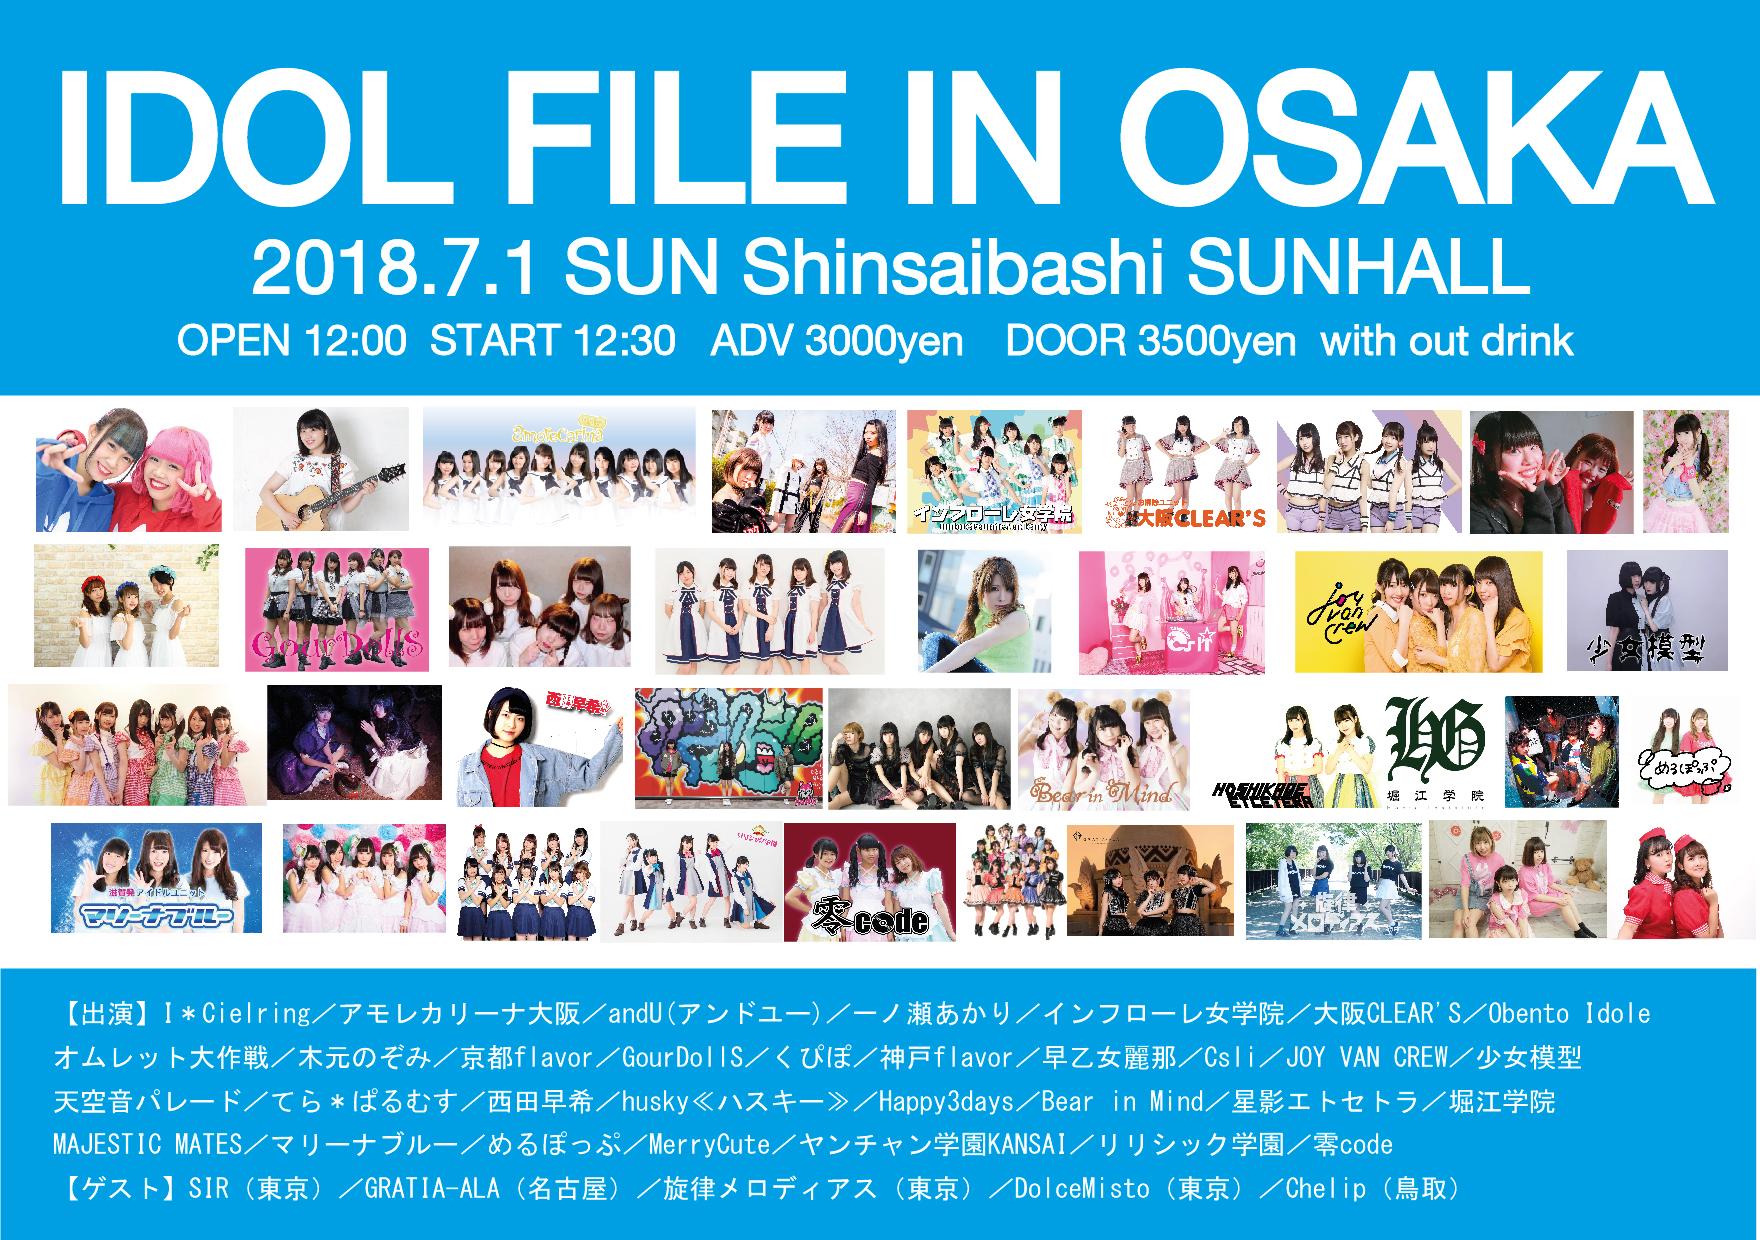 【イベント情報】2018年7月1日(日)一ノ瀬あかり、西田早希 / IDOL FILE IN OSAKA